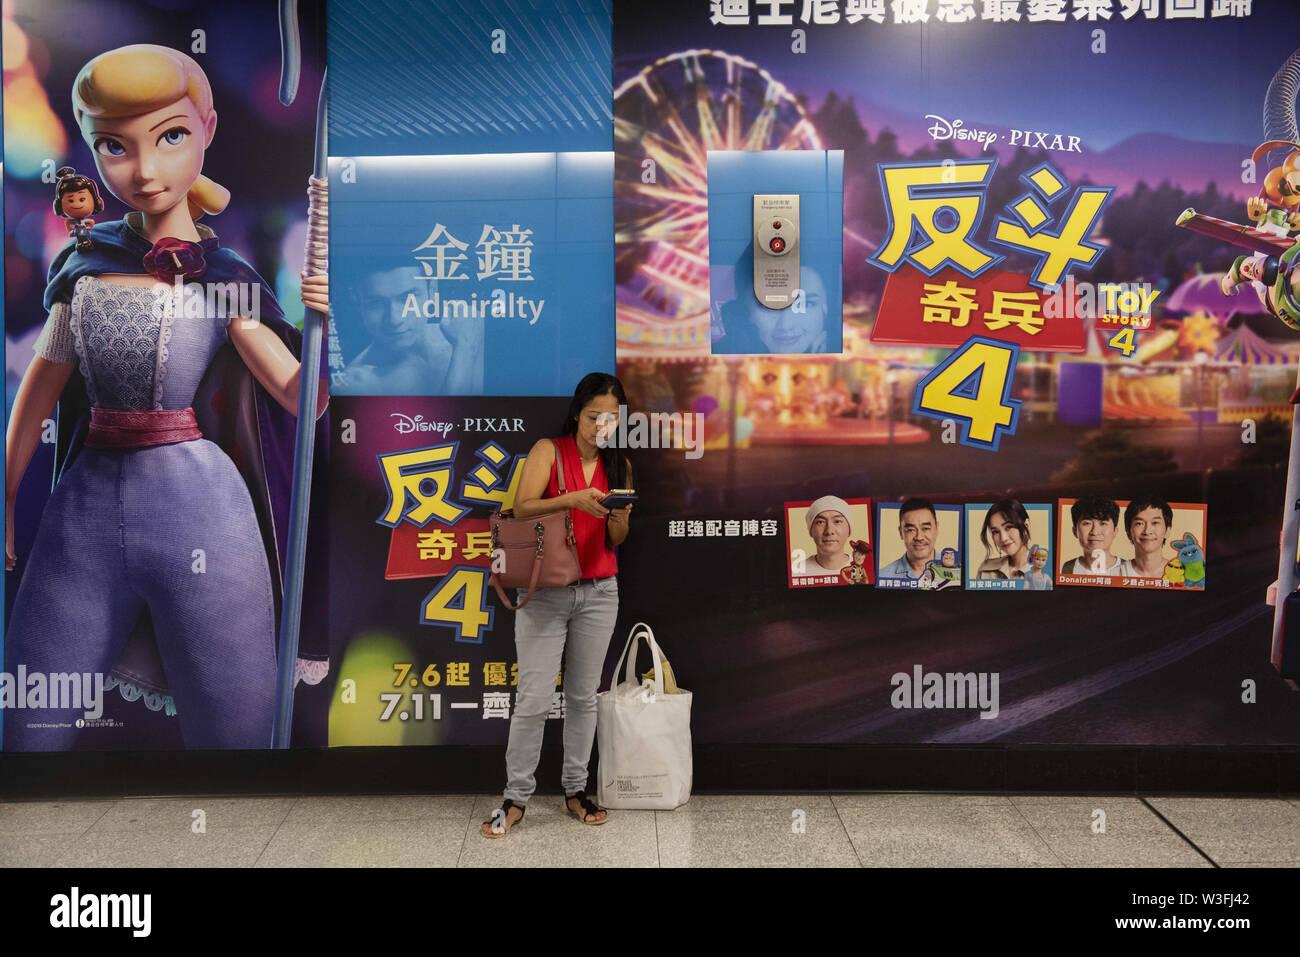 Hong Kong, Chine. 14 juillet, 2019. Un frontalier est à côté d'un grand Pixar Animation Studios' Toy Story 4 film wall publicité à la station de métro de Hong Kong. Budrul Chukrut Crédit: SOPA/Images/ZUMA/Alamy Fil Live News Photo Stock